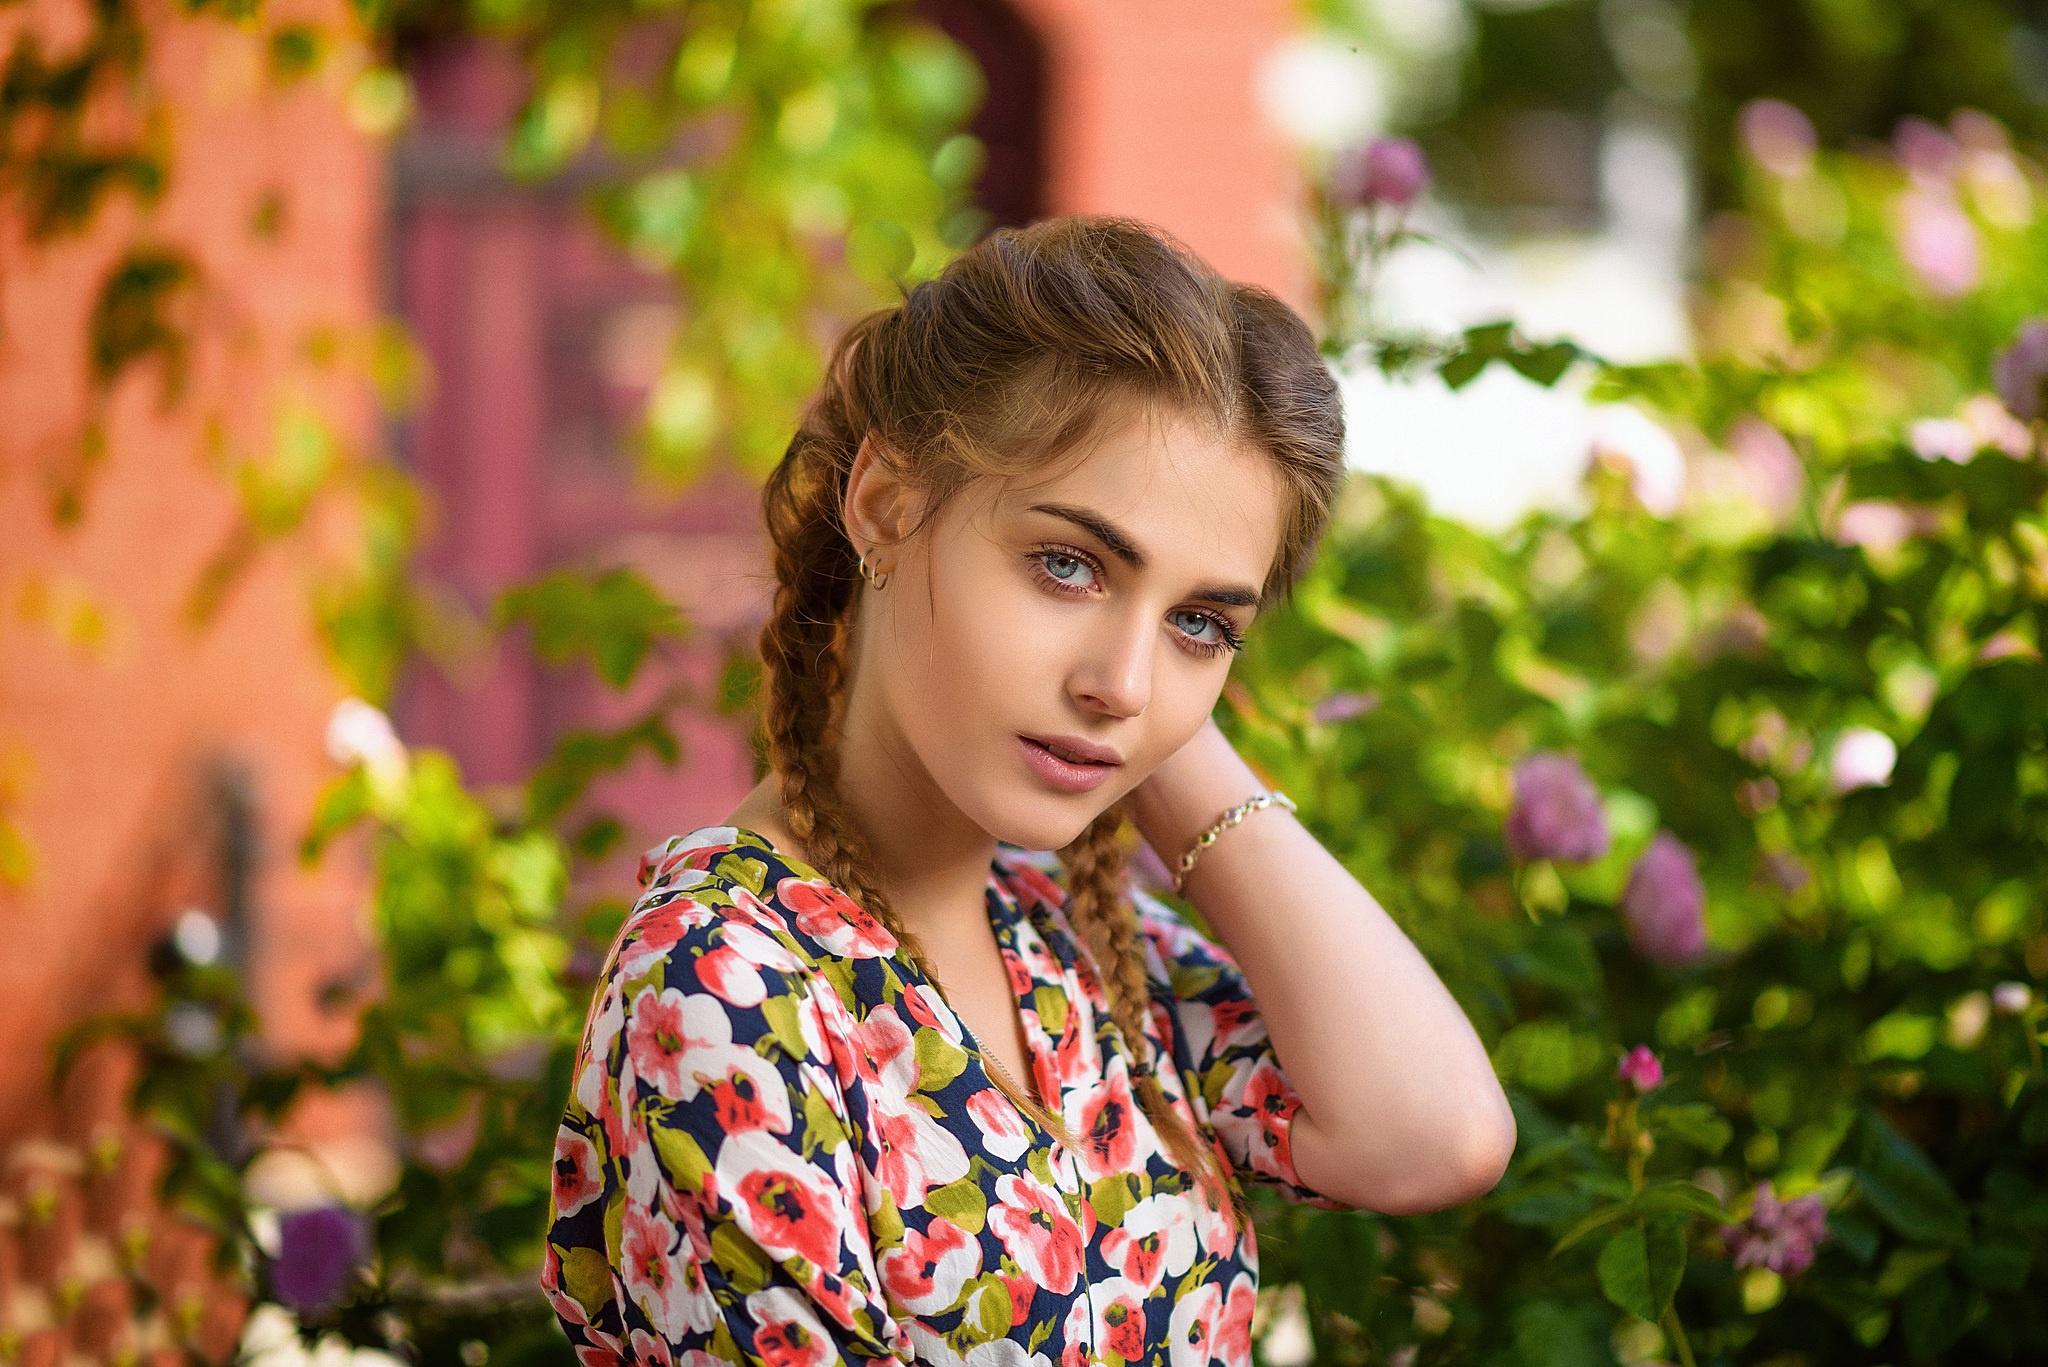 Blue Eyes Braid Brunette Depth Of Field Girl Model Woman 2048x1367